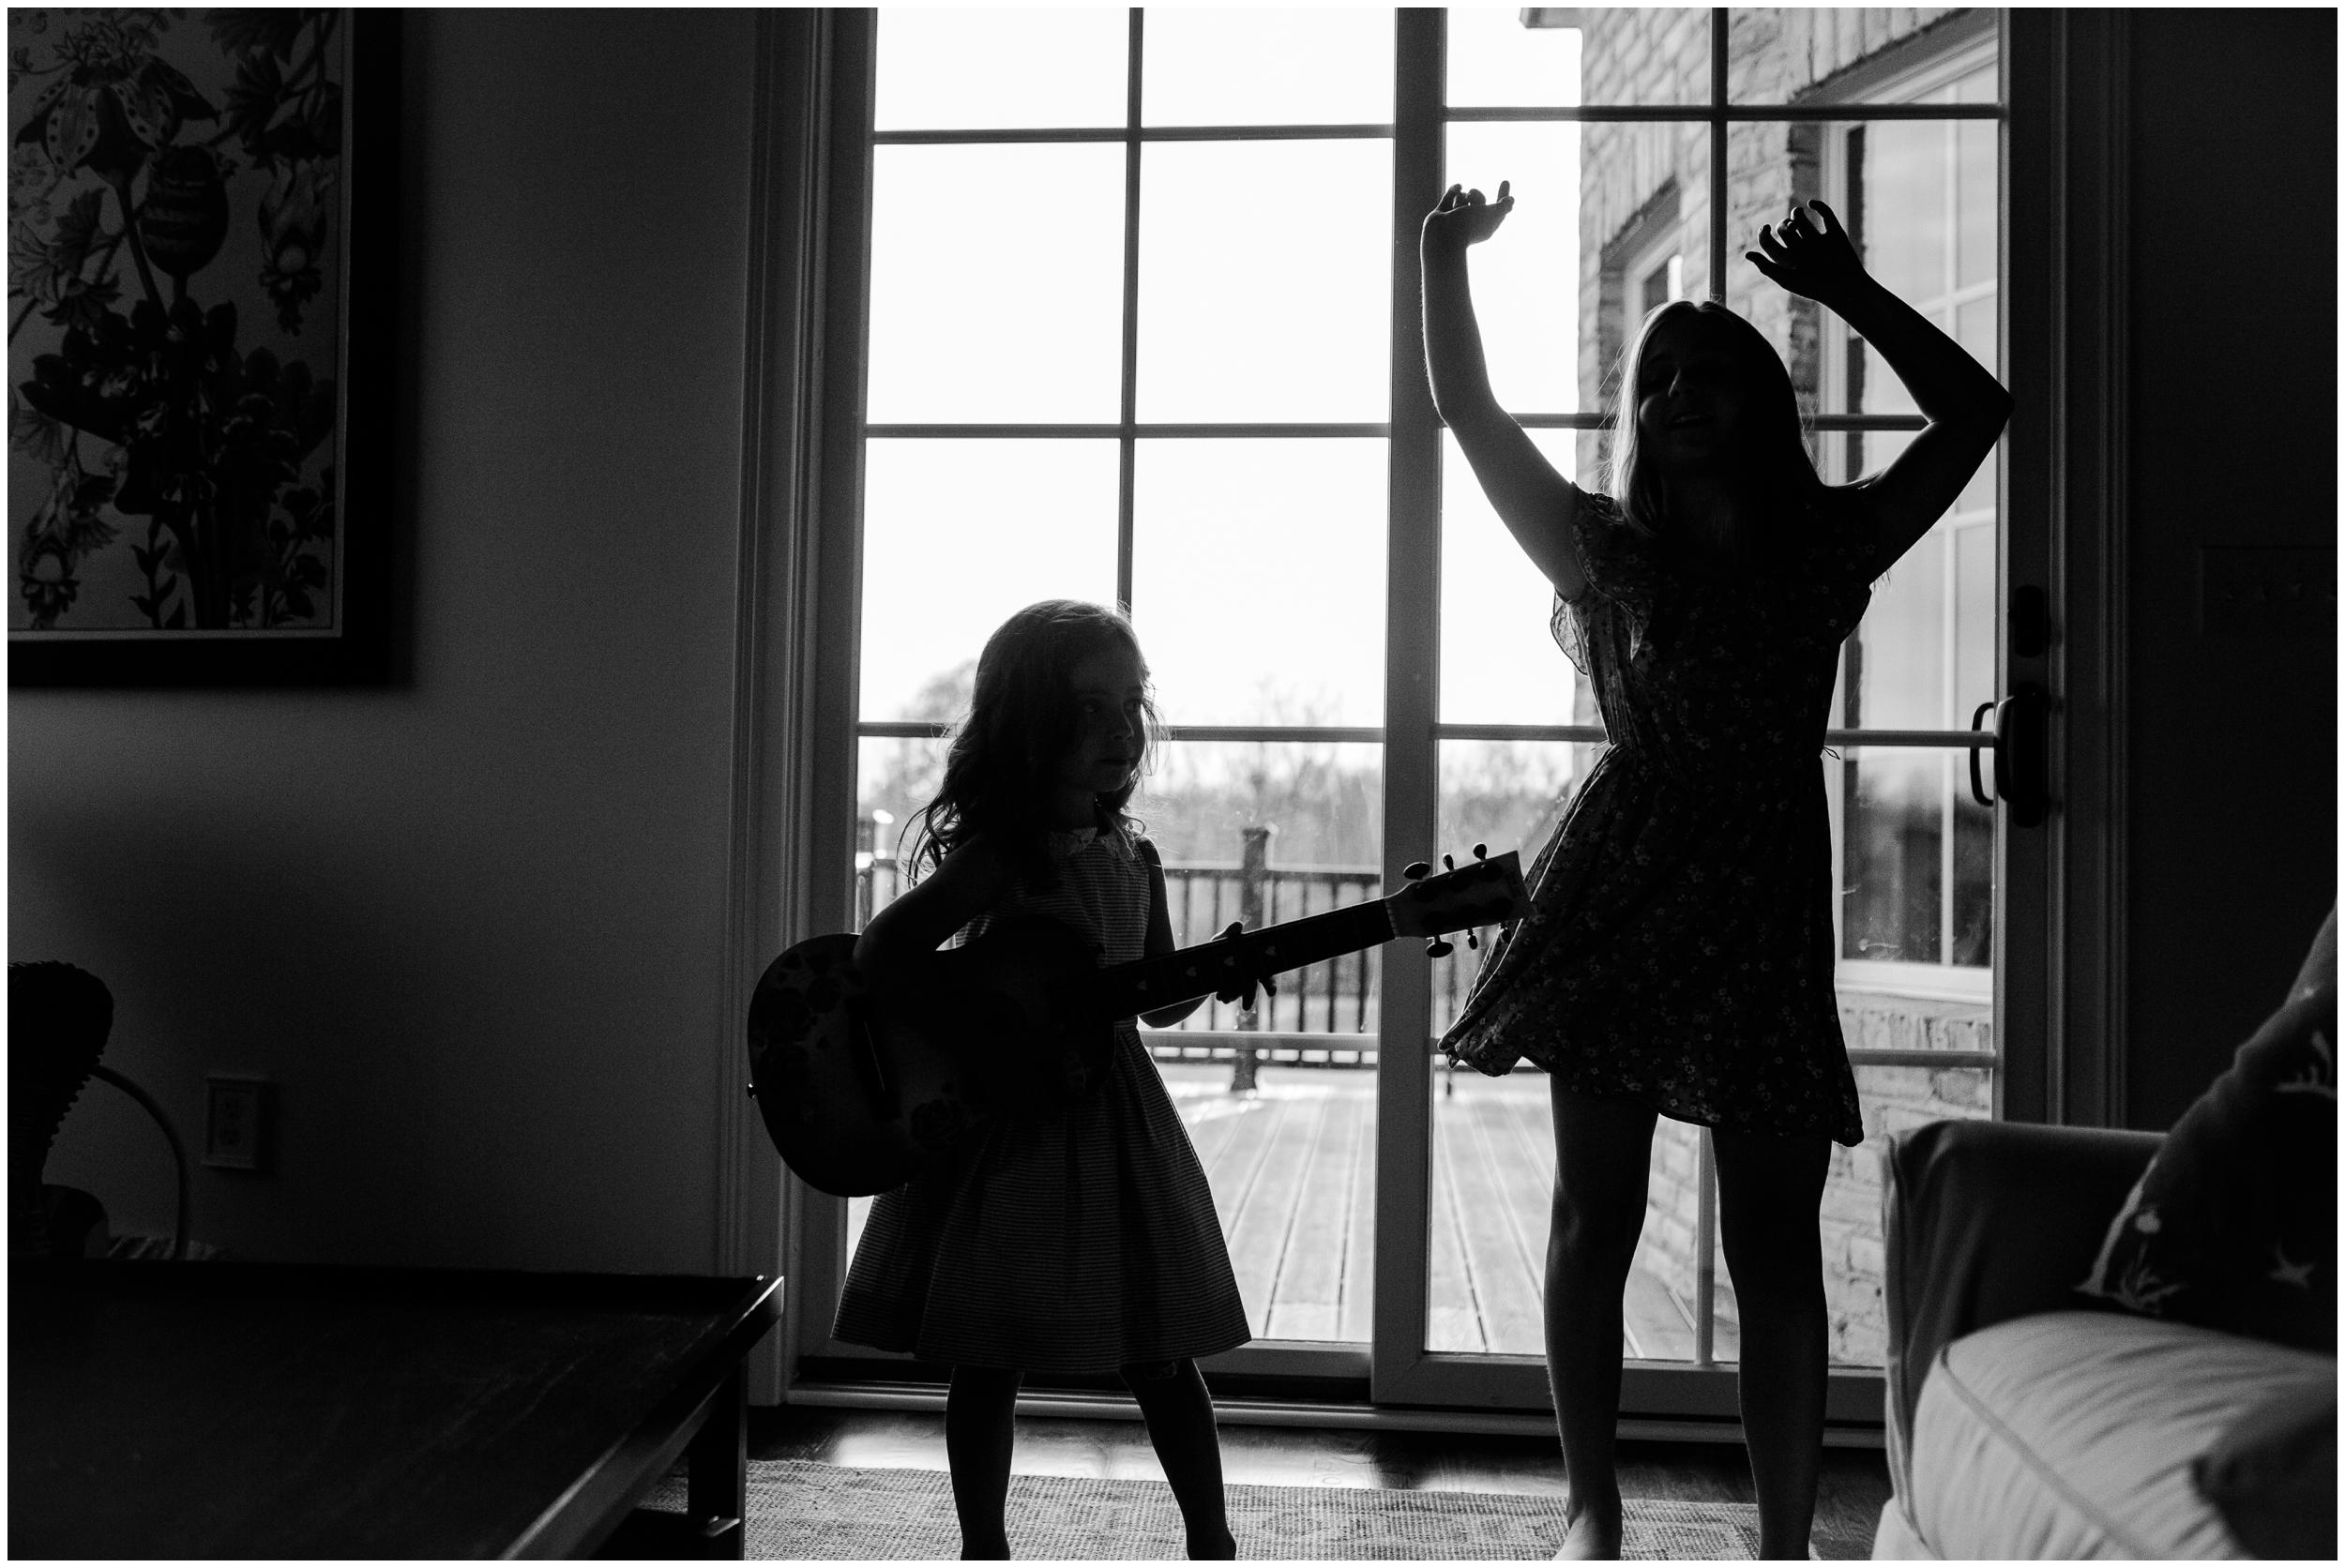 lexington-ky-family-lifestyle-photography-Priscilla-Baierlein-Photography_0264.jpg